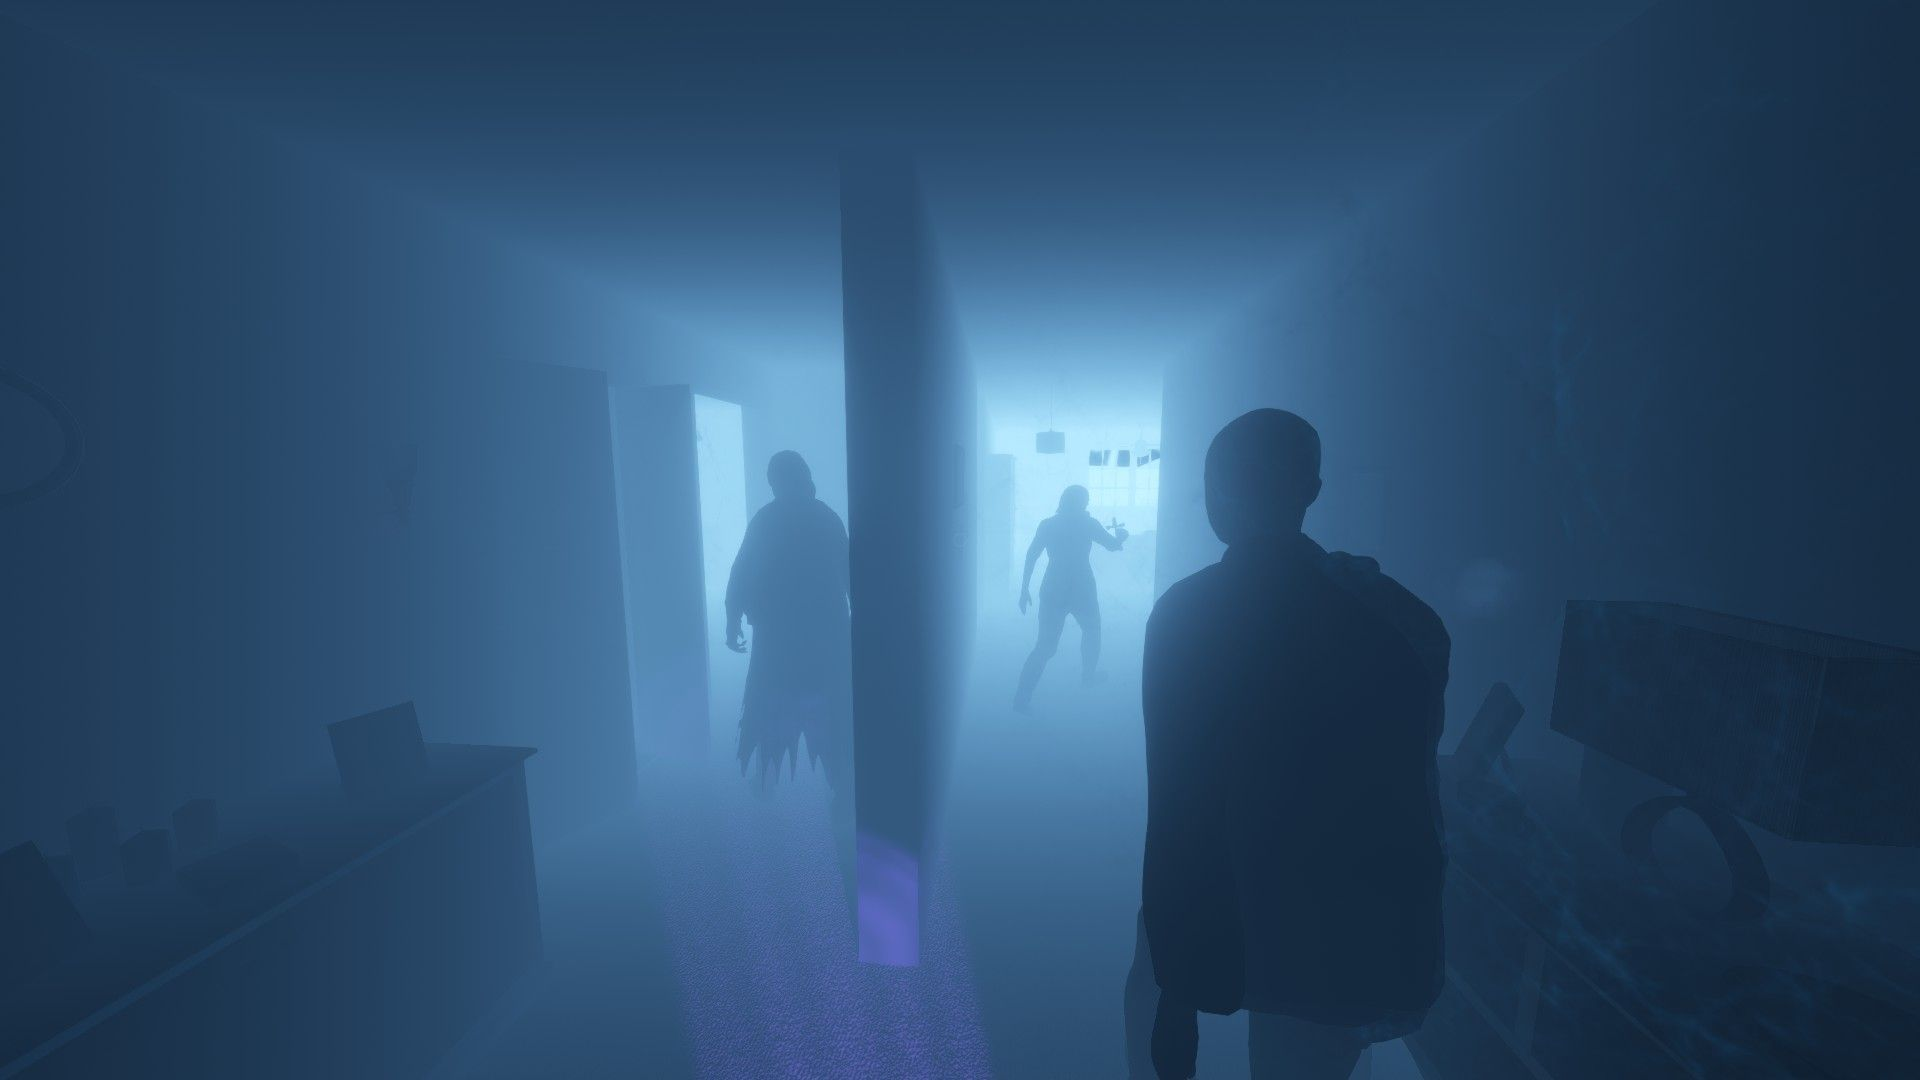 《恐鬼症》新更新 鬼魂能够通过玩家语音搜索玩家